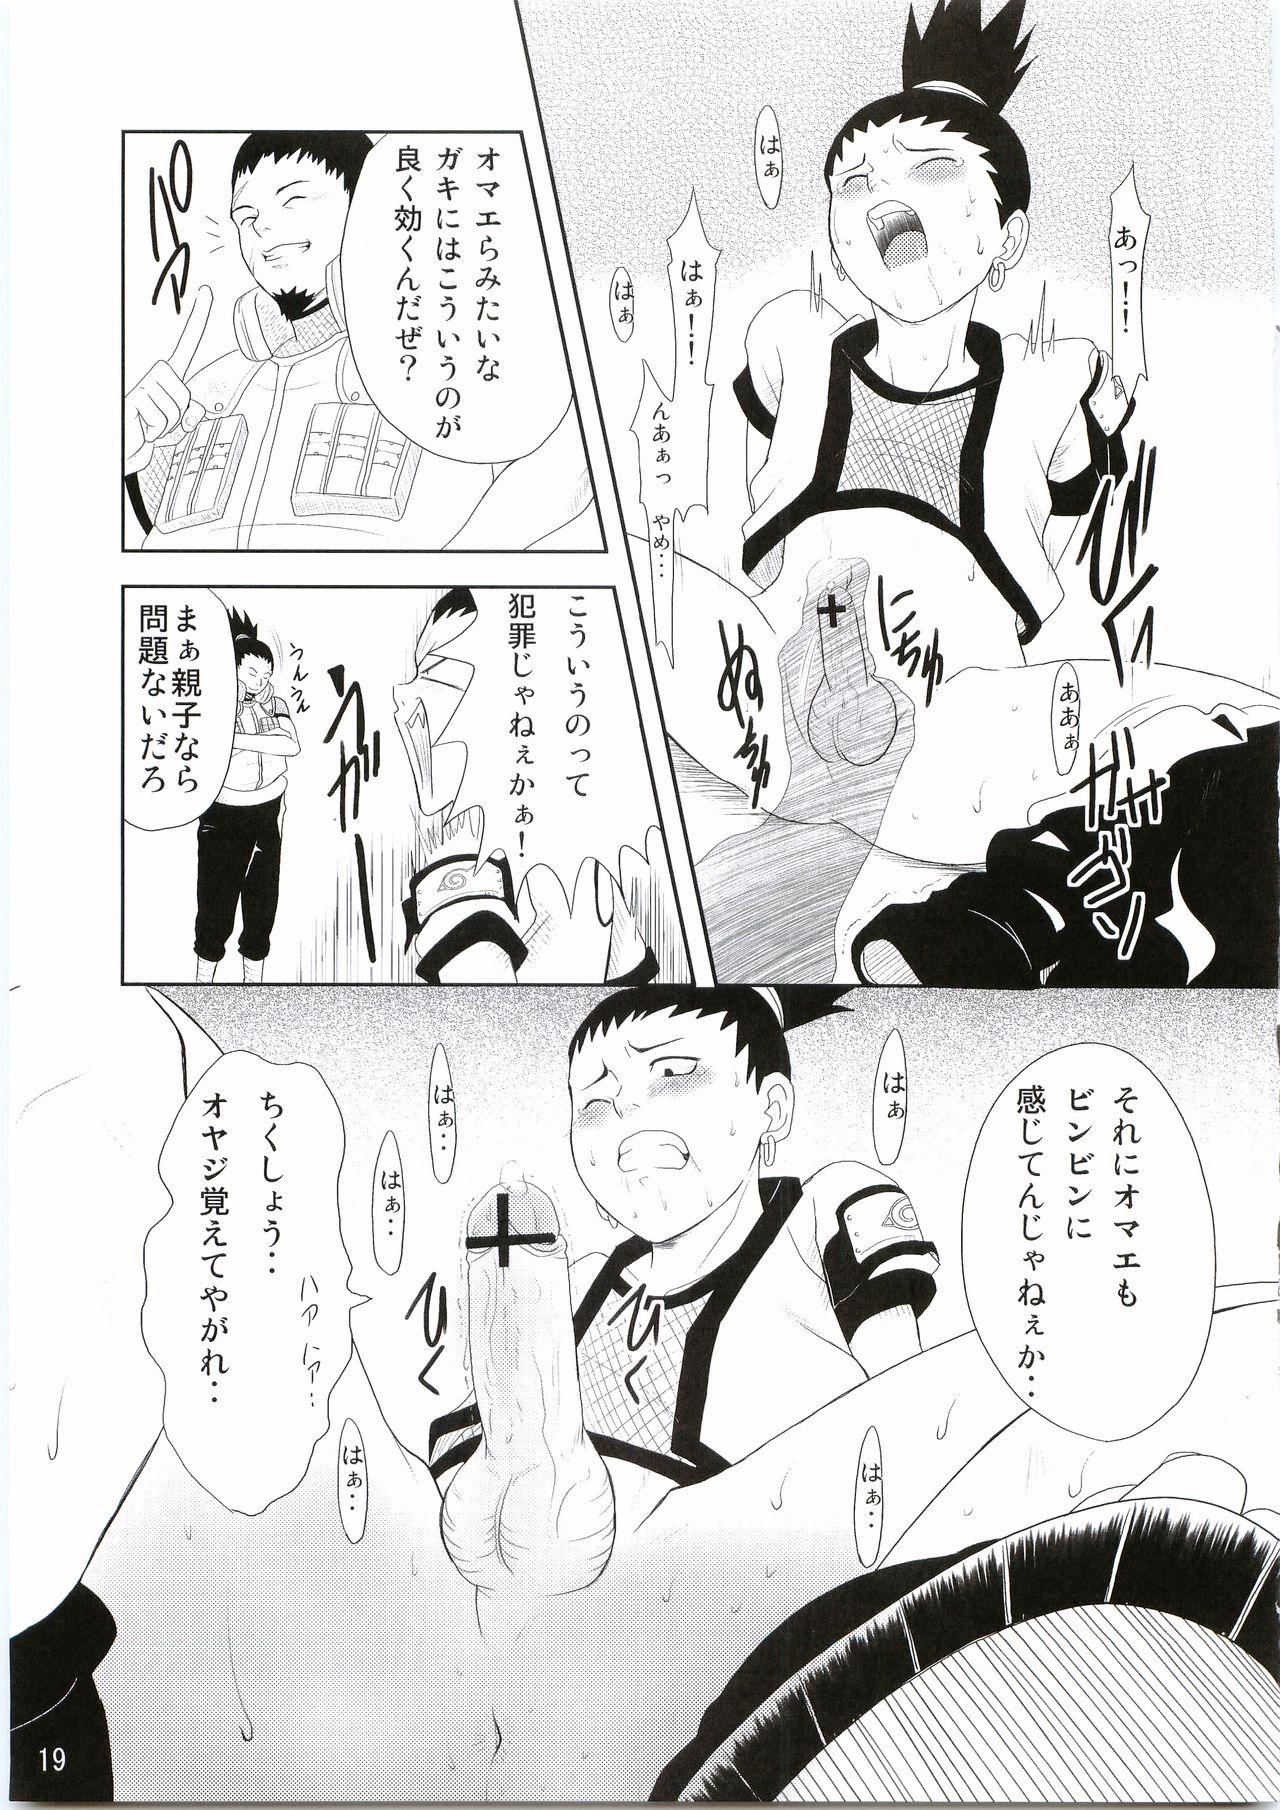 Shinobi no Kokoroe 19